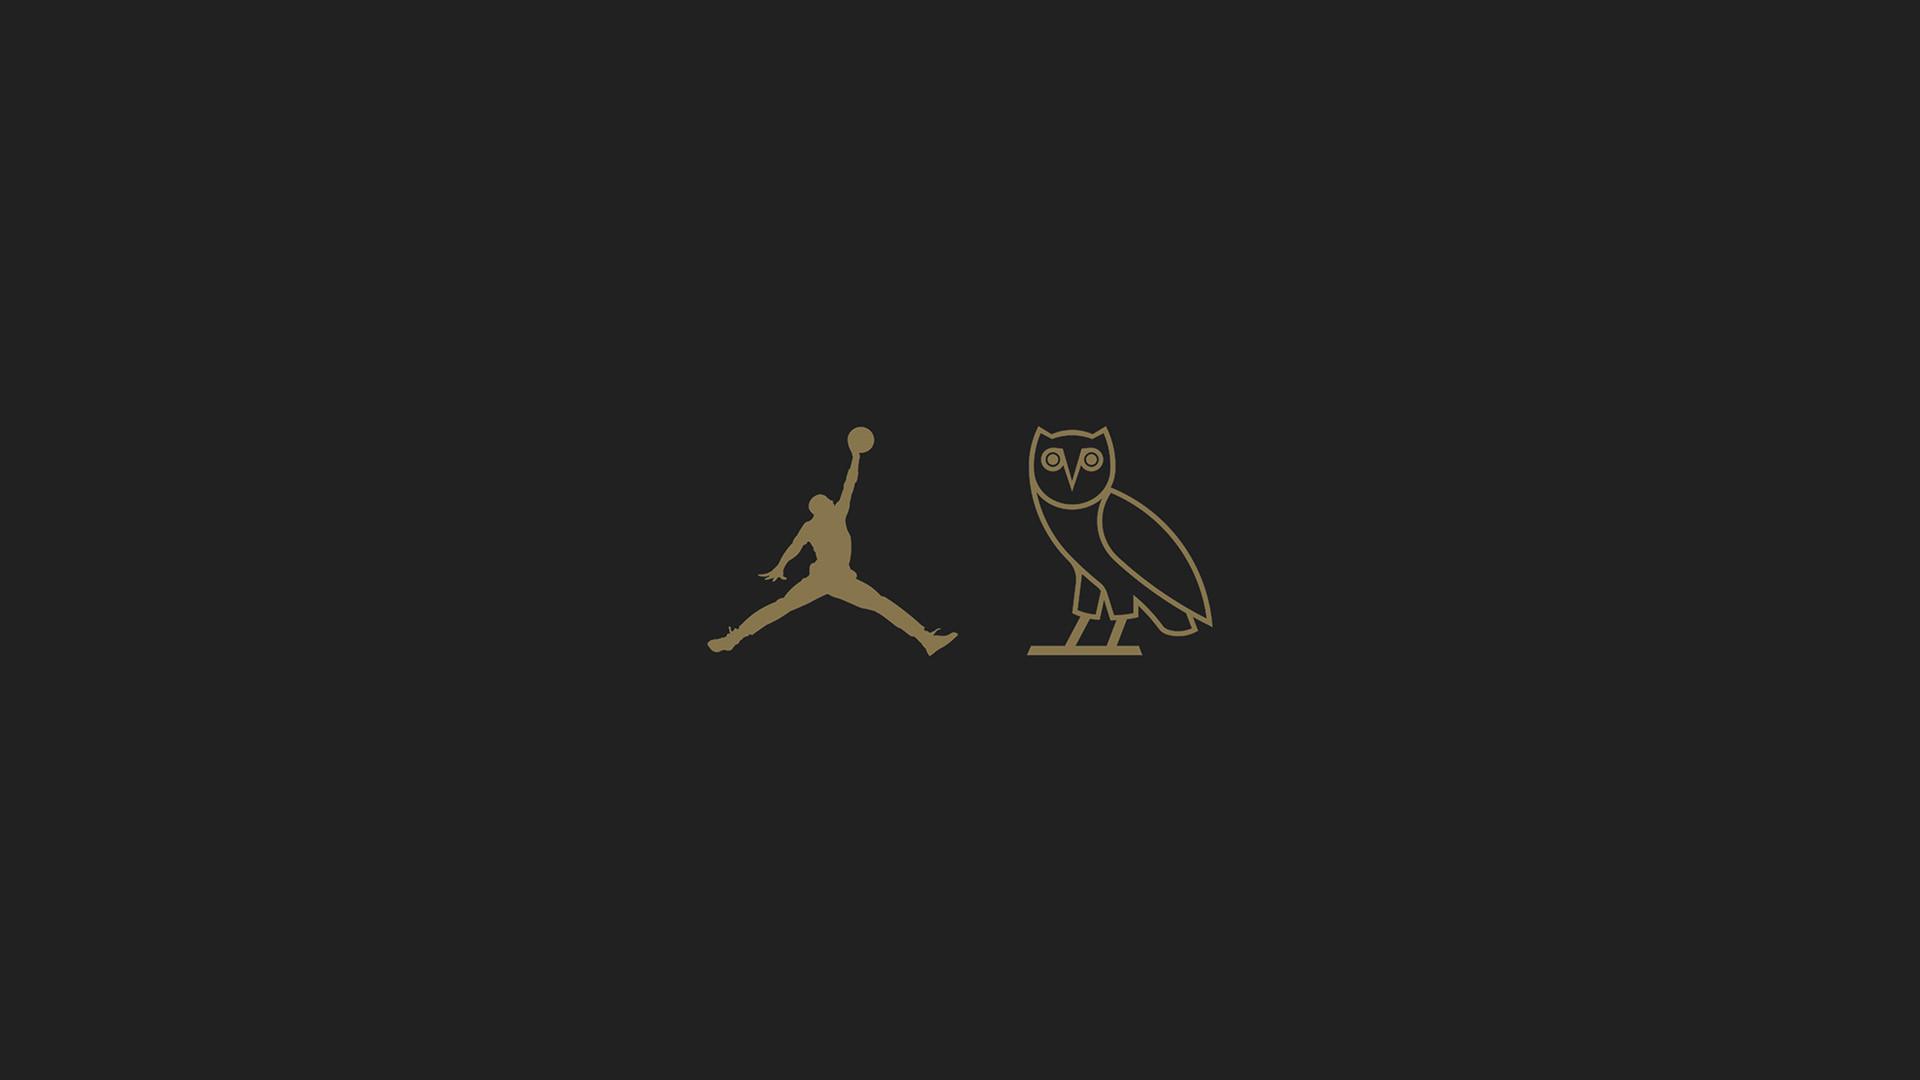 Air Jordan Wallpaper Iphone 4 Drake Ovo Wallpaper 74 Images